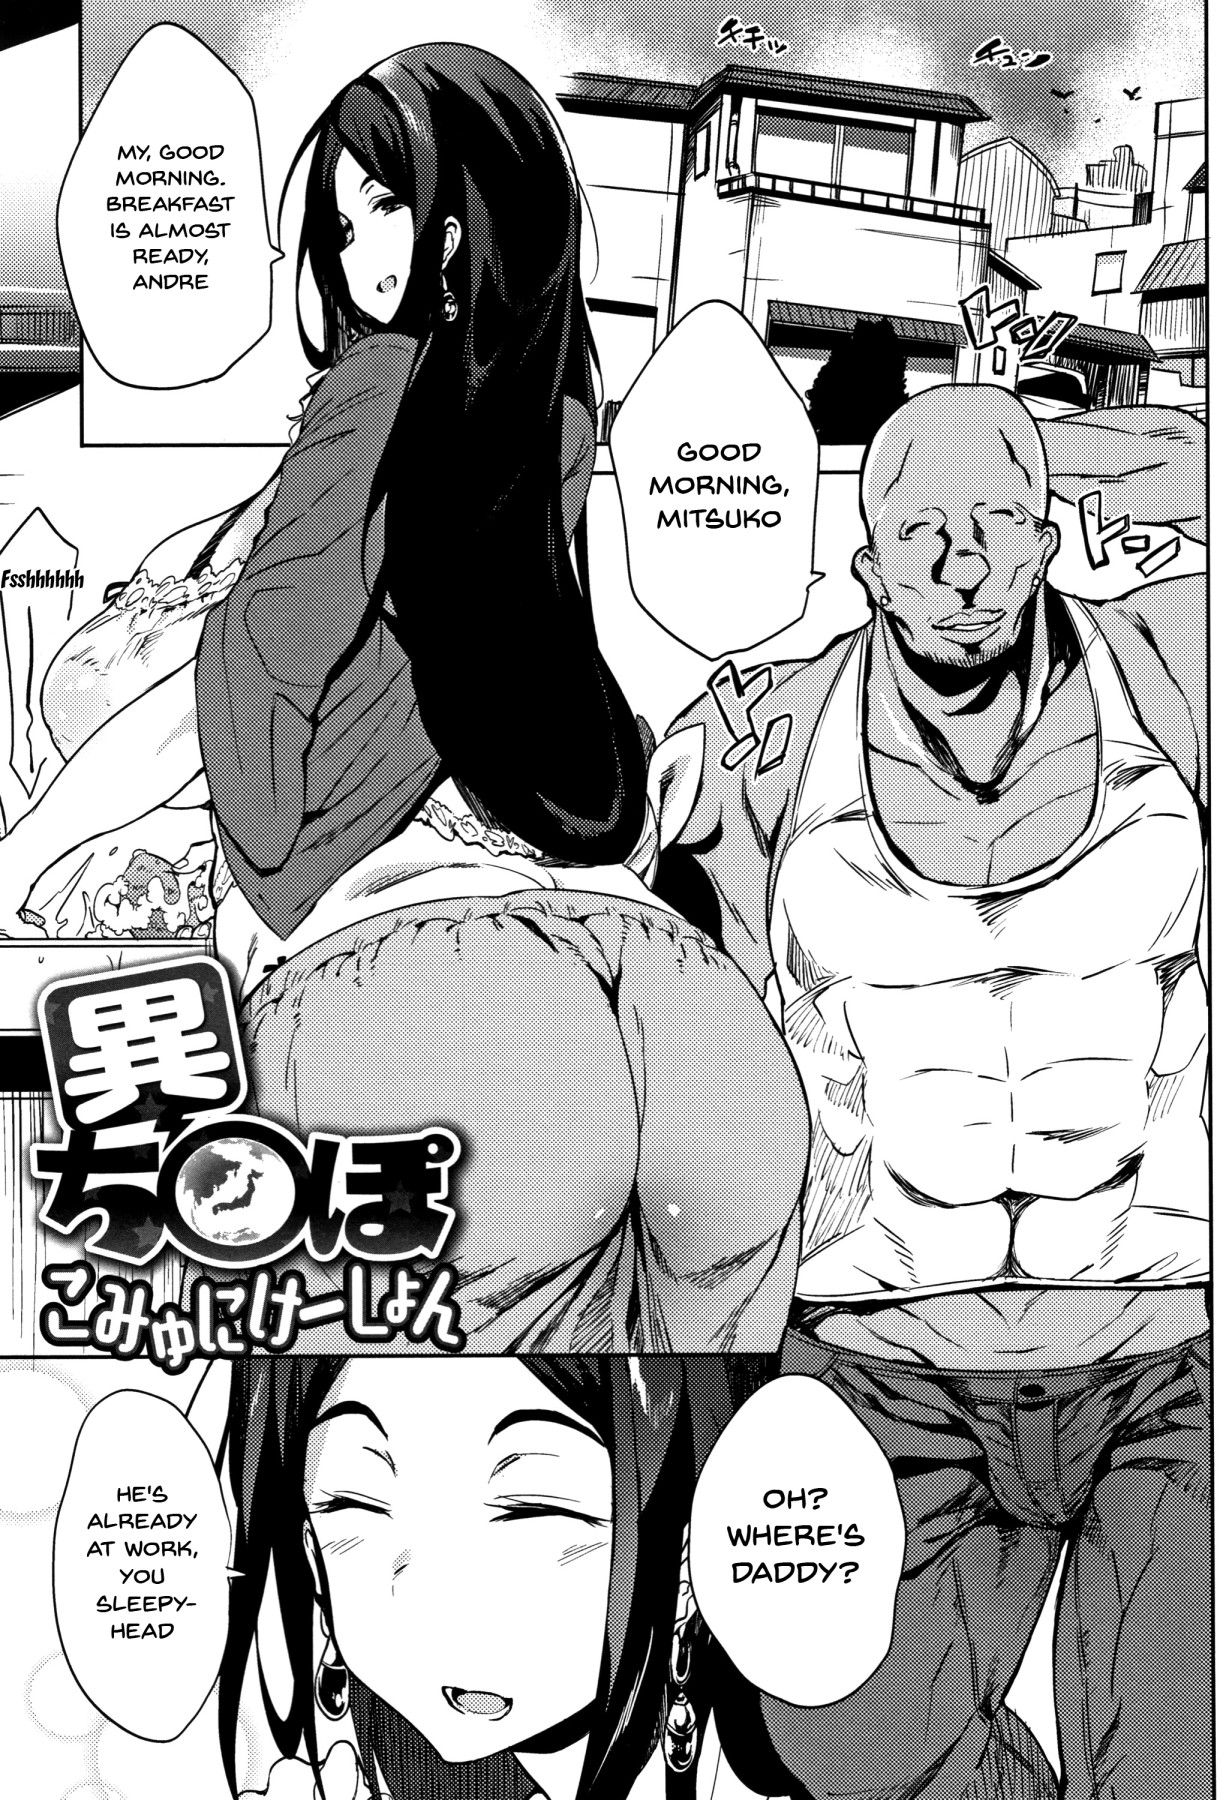 Hentai Manga Comic-Daseiism-Chapter 3-1